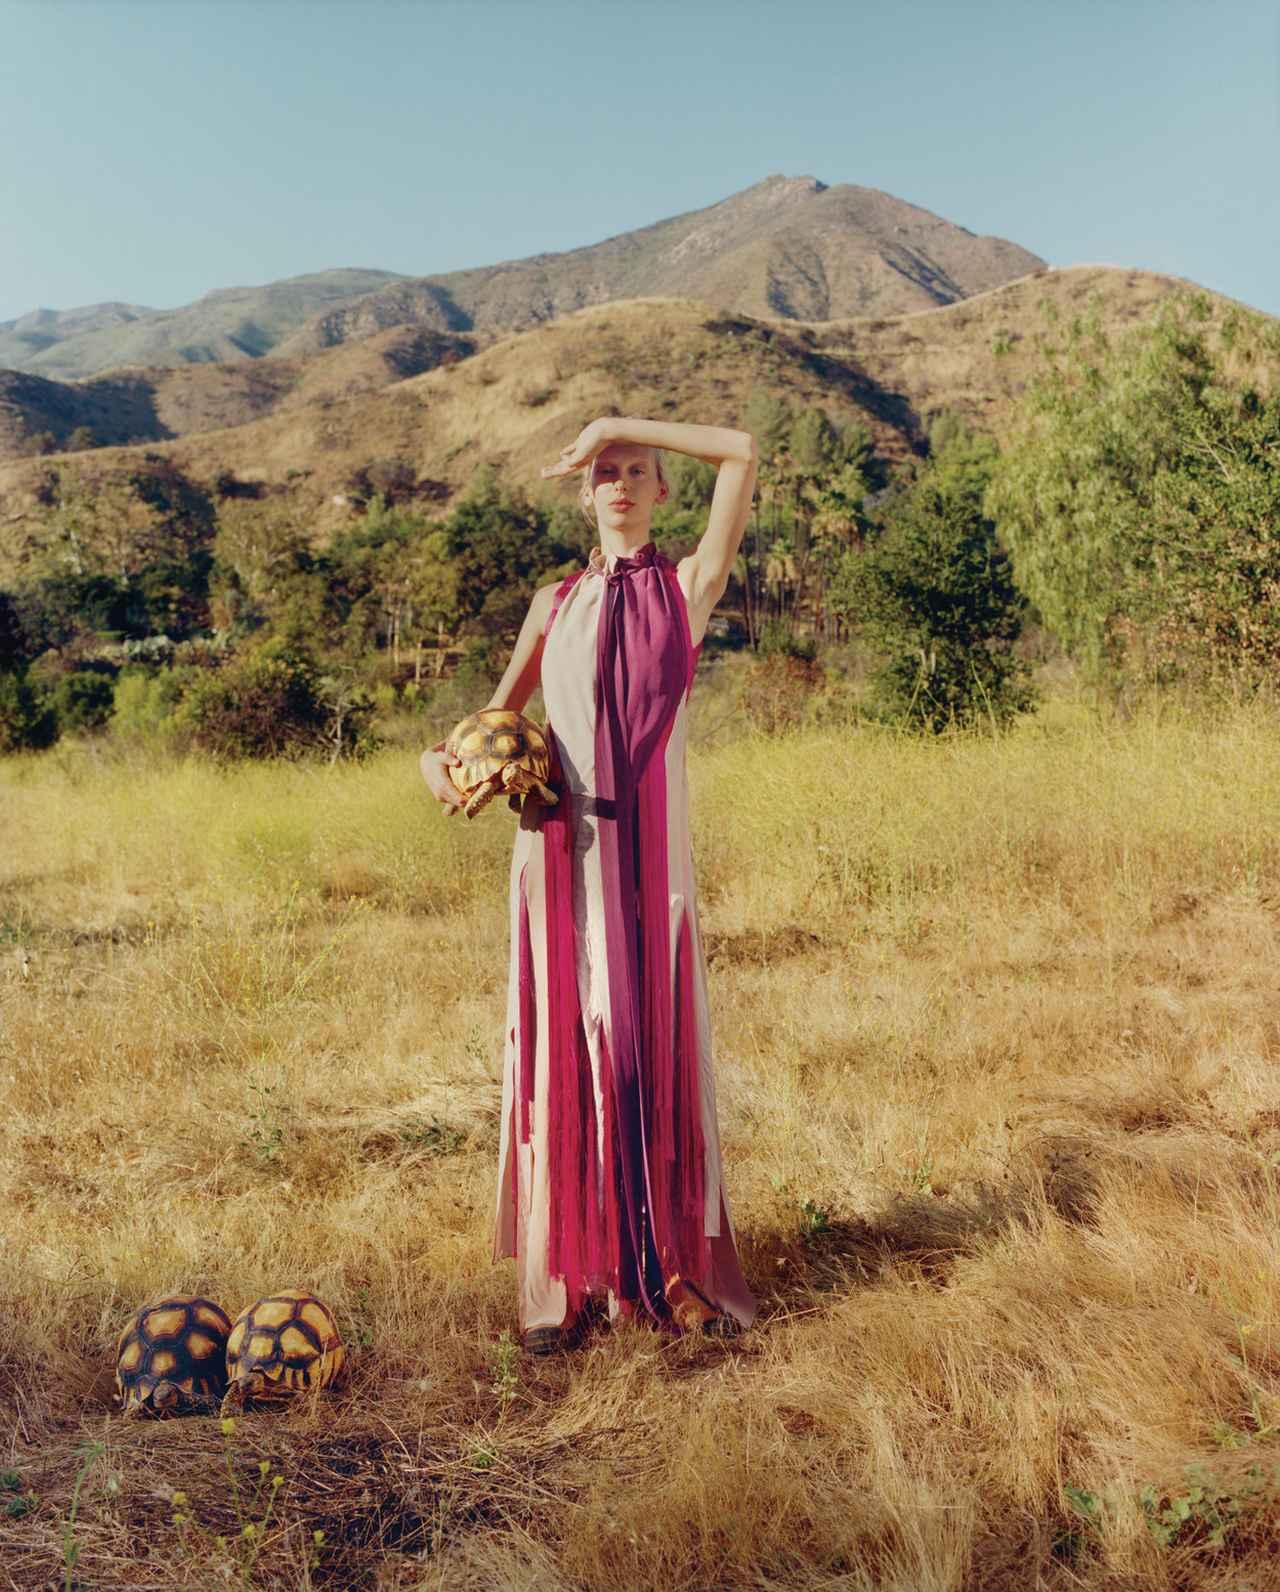 Images : 3番目の画像 - 「あるがまま、自由気ままに。 ―― ドレスとカメと私」のアルバム - T JAPAN:The New York Times Style Magazine 公式サイト